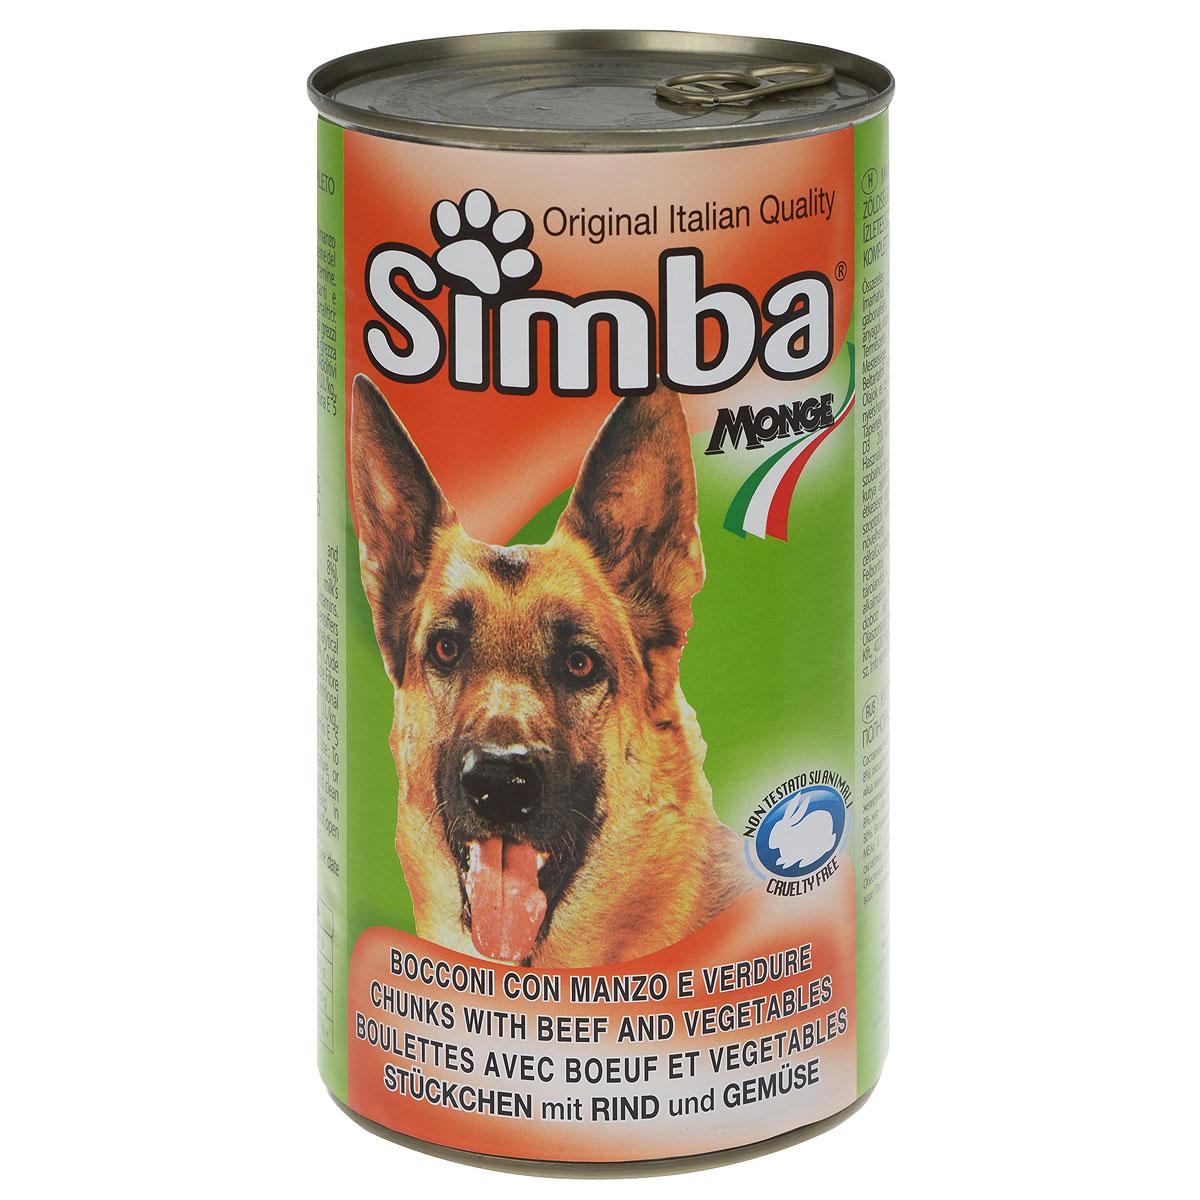 Консервы для собак Monge Simba, кусочки с говядиной и овощами, 1230 г12118695Консервы для собак Monge Simba - это полноценный сбалансированный корм для собак. Кусочки с говядиной и овощами в соусе. Состав: мясо и мясные субпродукты (говядина не менее 8%), овощи (не менее 4,2%), злаки, молочный протеин, яйца, минеральные вещества, витамины, загустители и желирующие вещества. Анализ компонентов: протеин 8%, жир 6%, клетчатка 1,21%, зола 3%, влажность 80%.Витамины и добавки на 1 кг: витамин А 2000 МЕ, витамин D3 200 МЕ, витамин Е 5 мг. Товар сертифицирован.